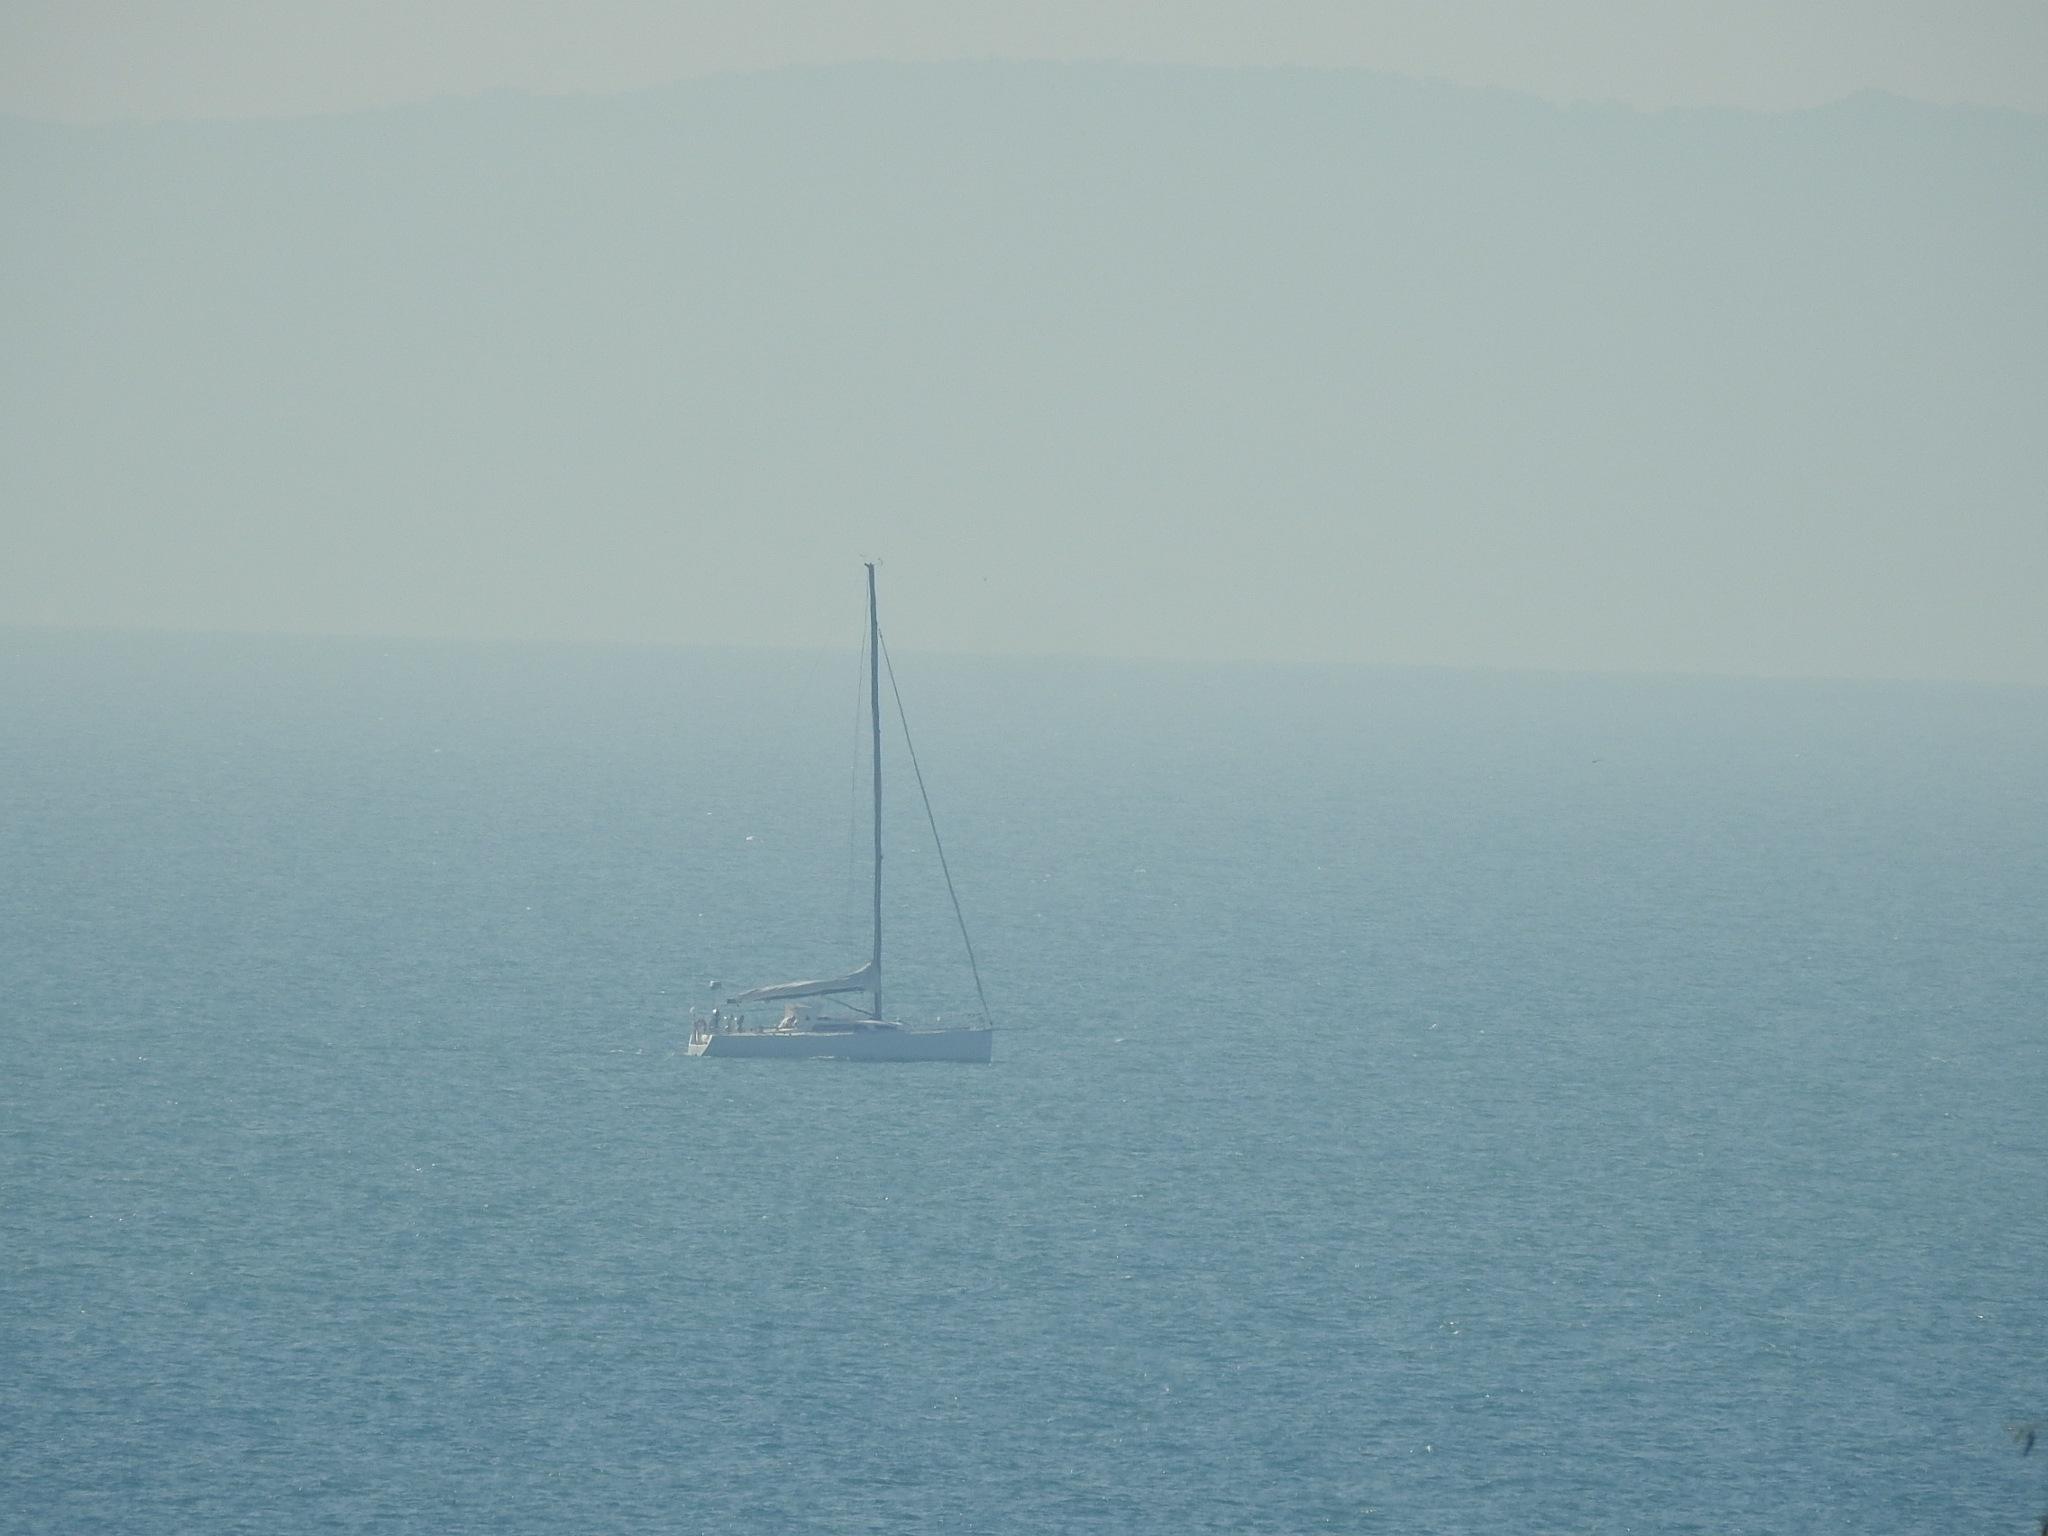 Misty by Michael De St Pern